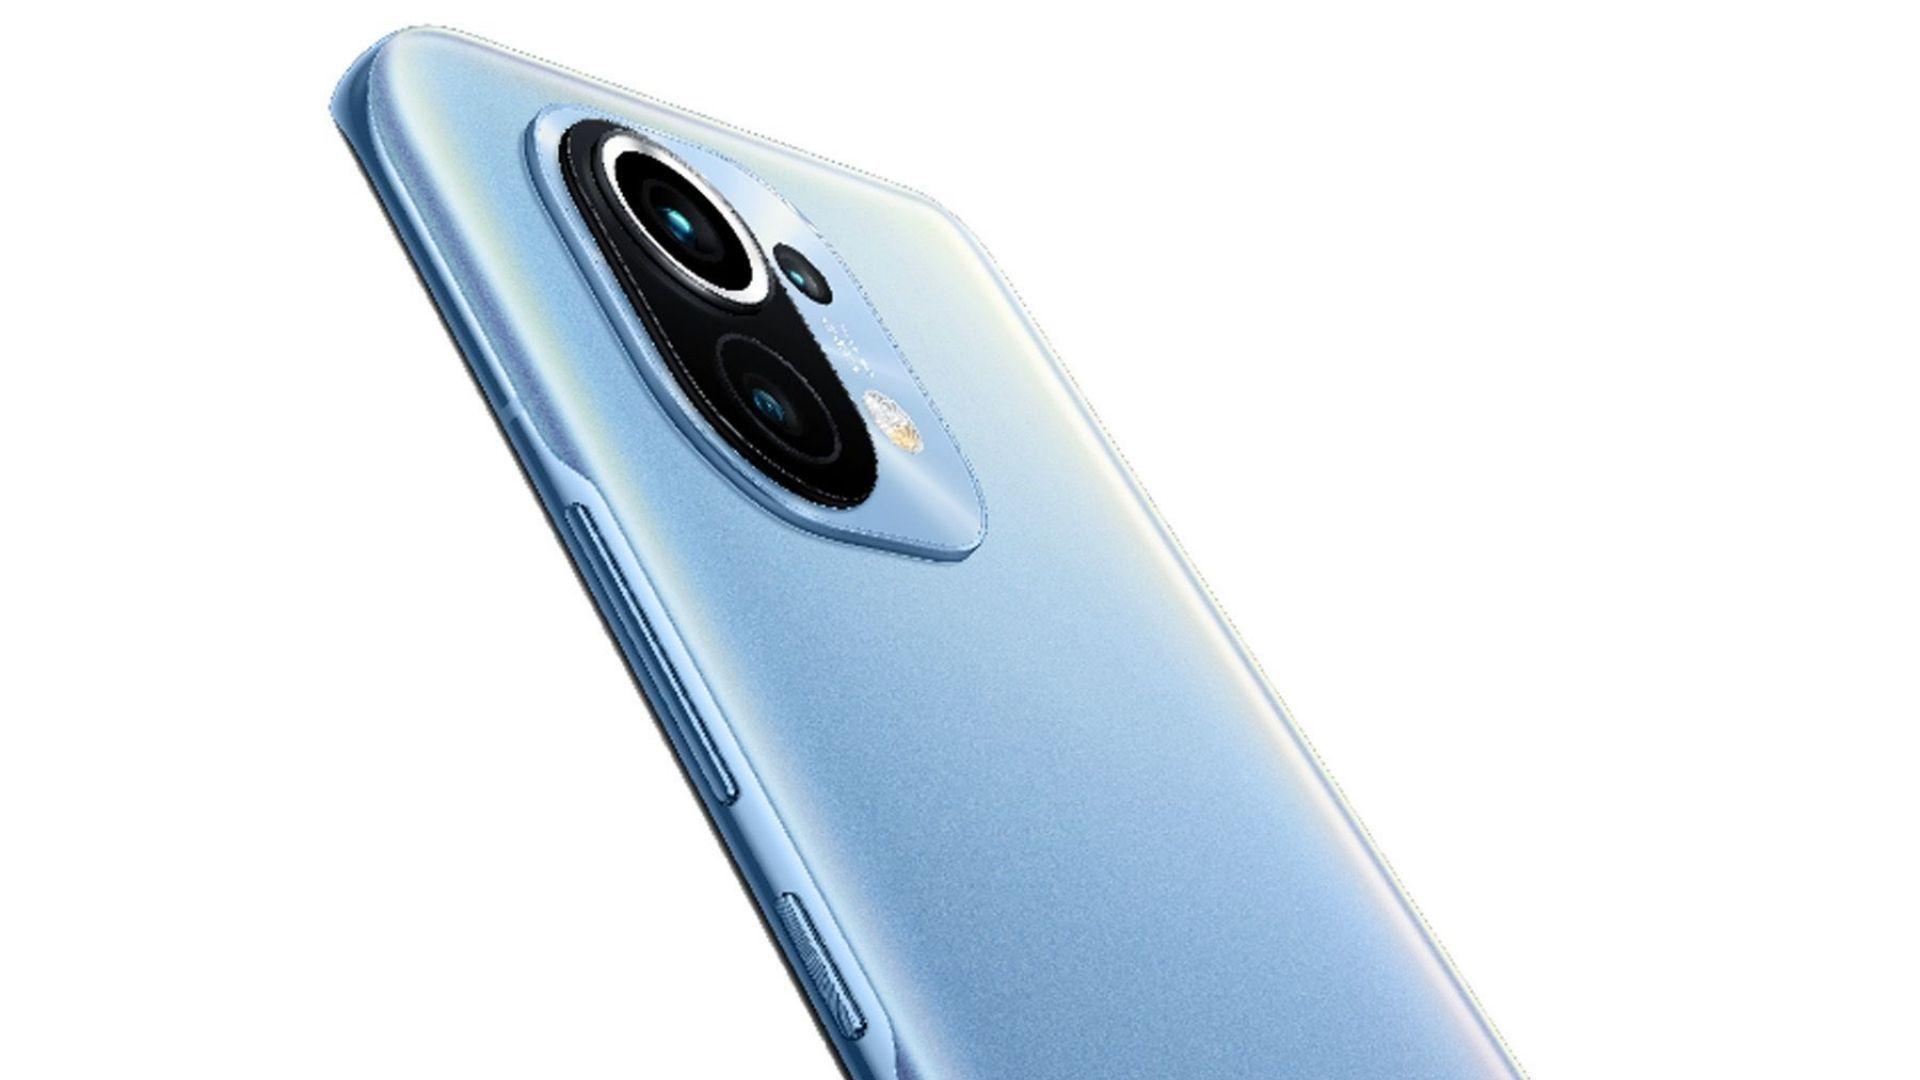 O Xiaomi Mi 11 pode ser adquirido por R$ 7.999,99. (Foto: Divulgação/Xiaomi)